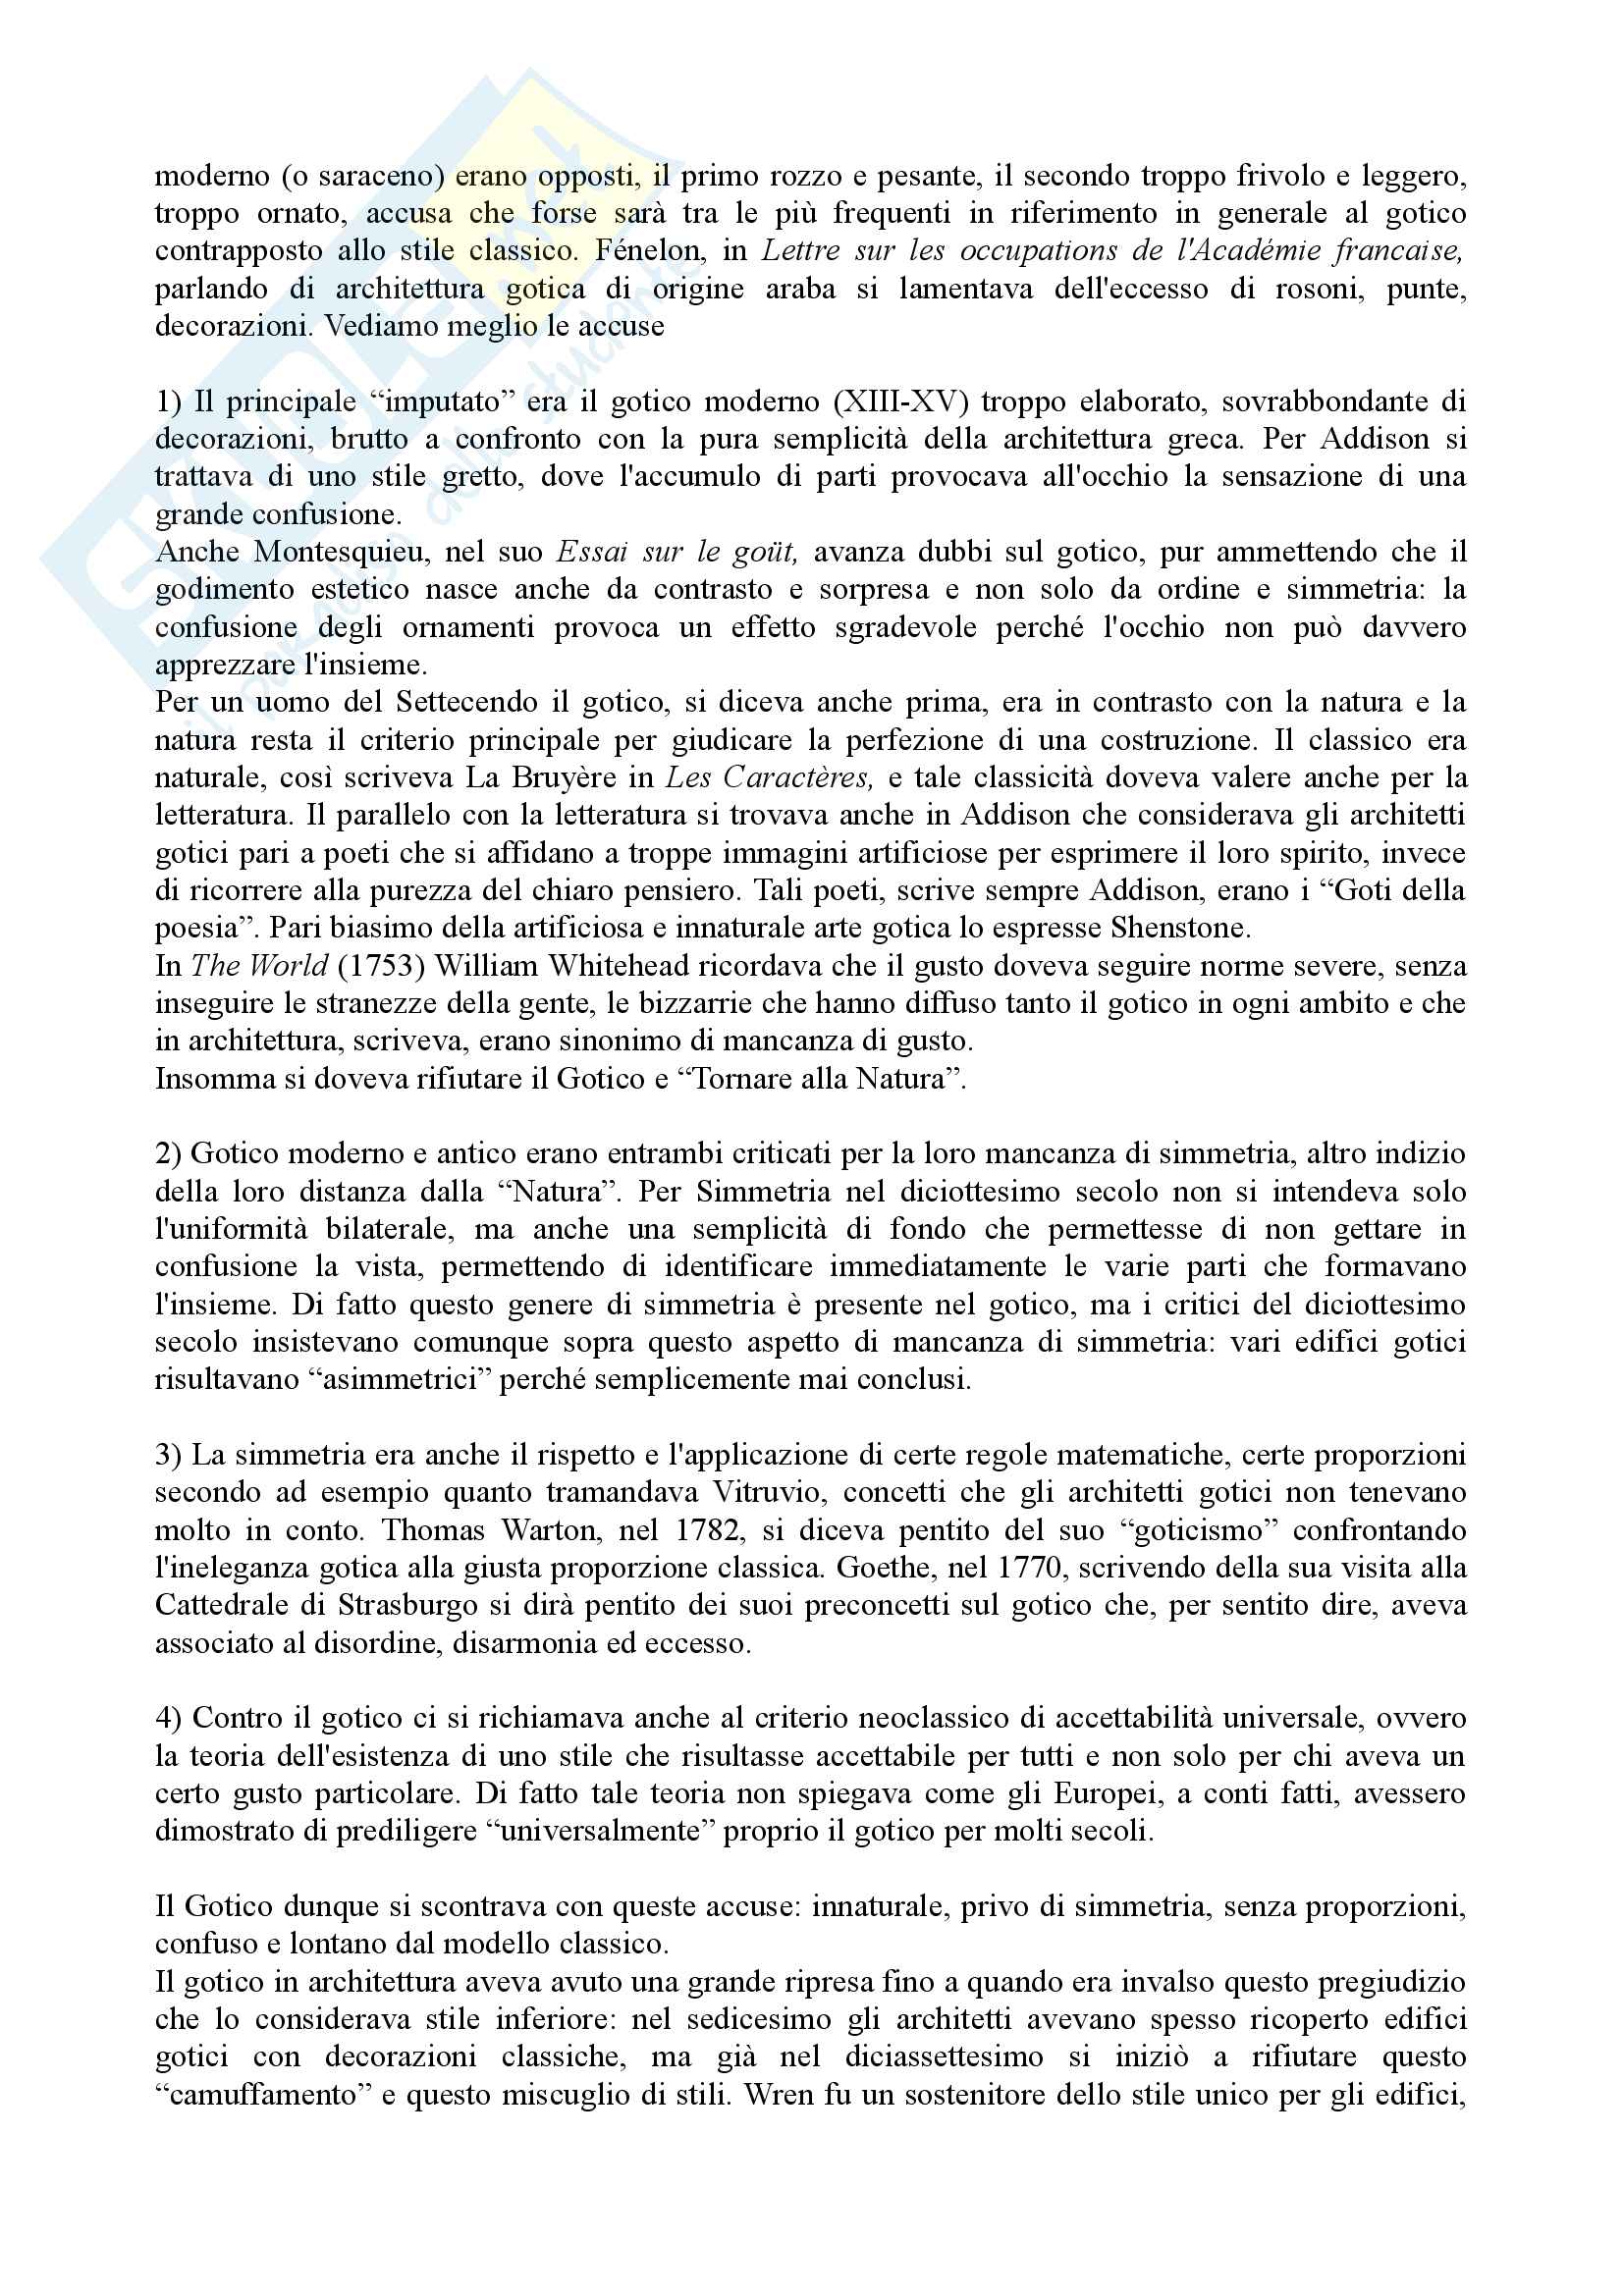 Riassunto Esame Letteratura Inglese. Prof.ssa Maria Luisa de Rinaldis. Libro consigliato: Mirella Billi, Il Gotico Inglese Pag. 16